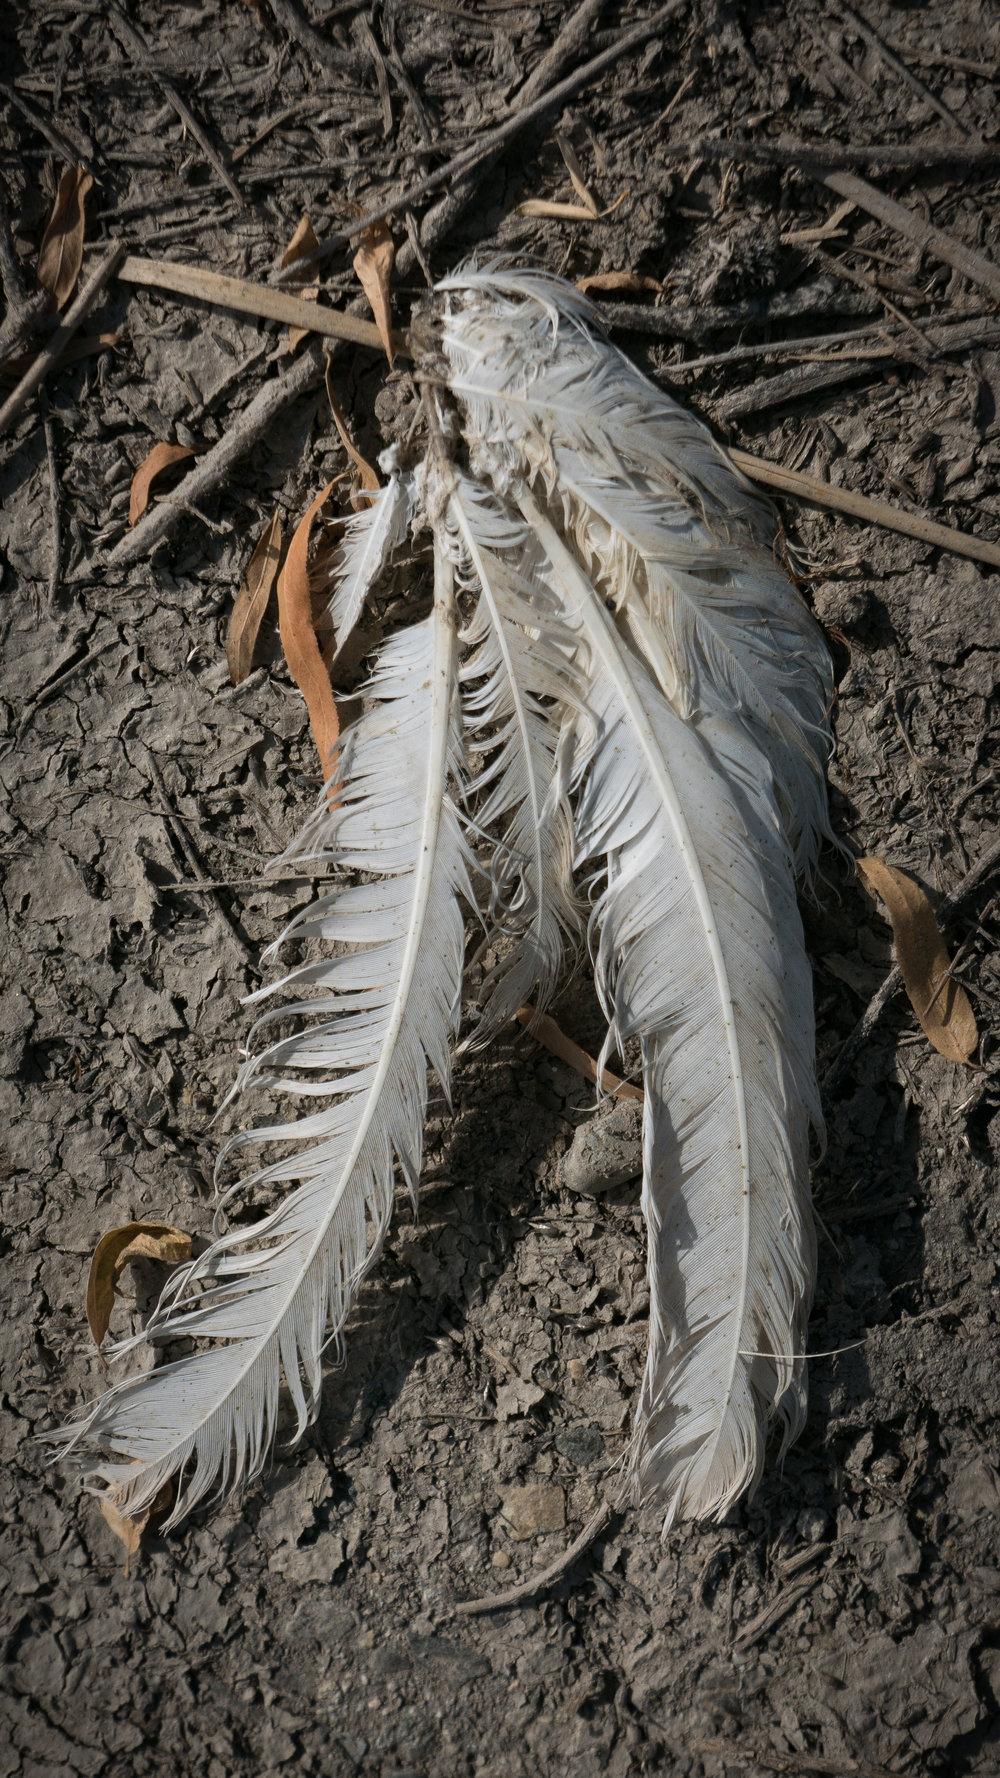 Dead bird remains.